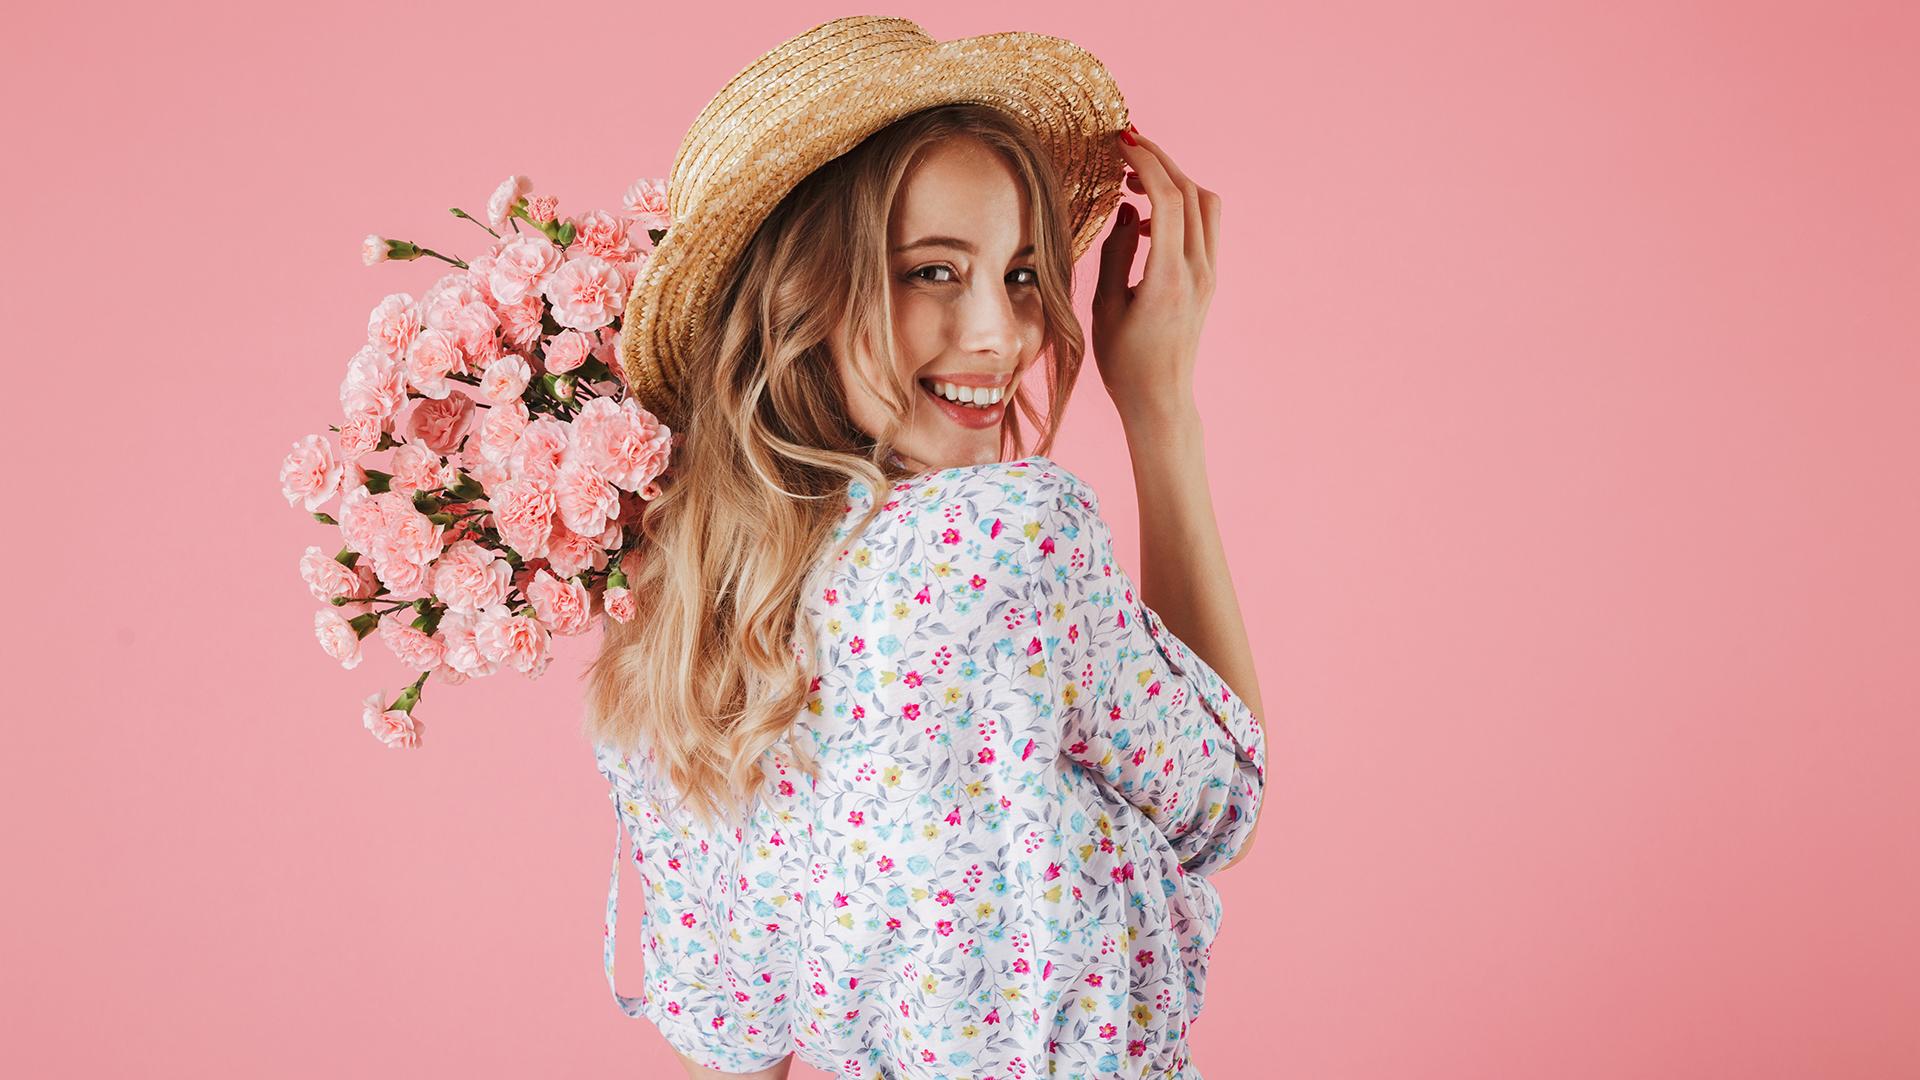 Модные фасоны и материалы платьев на весну 2021 года